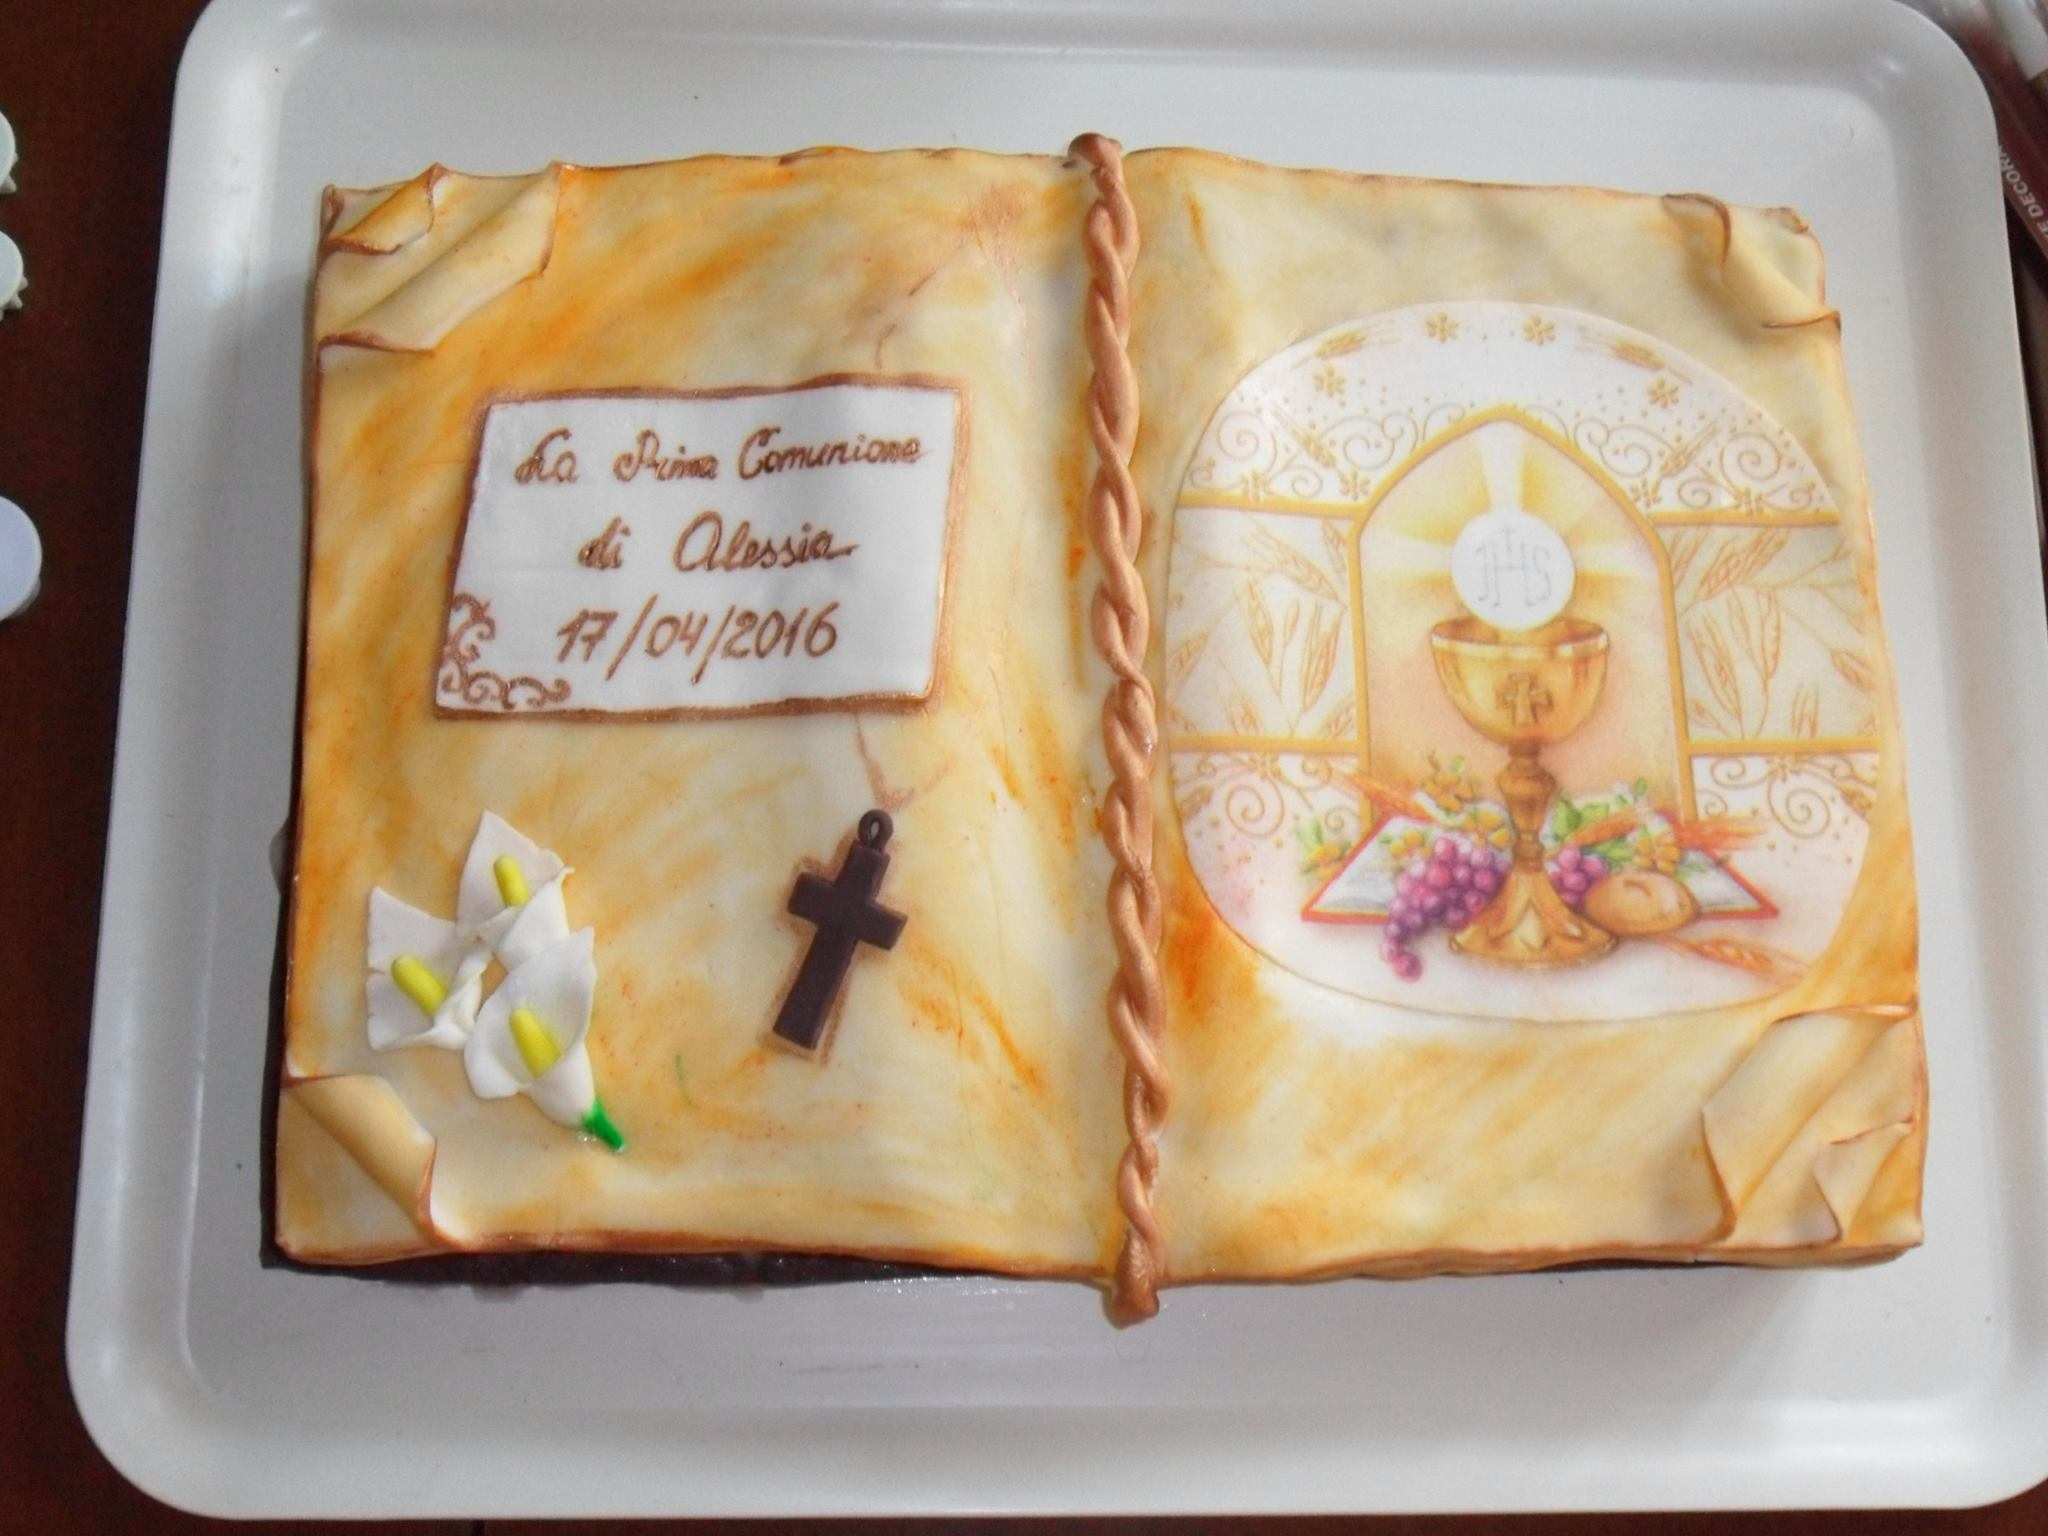 Conosciuto Torta libro aperto per Prima Comunione - Mamma e Bambini BU92